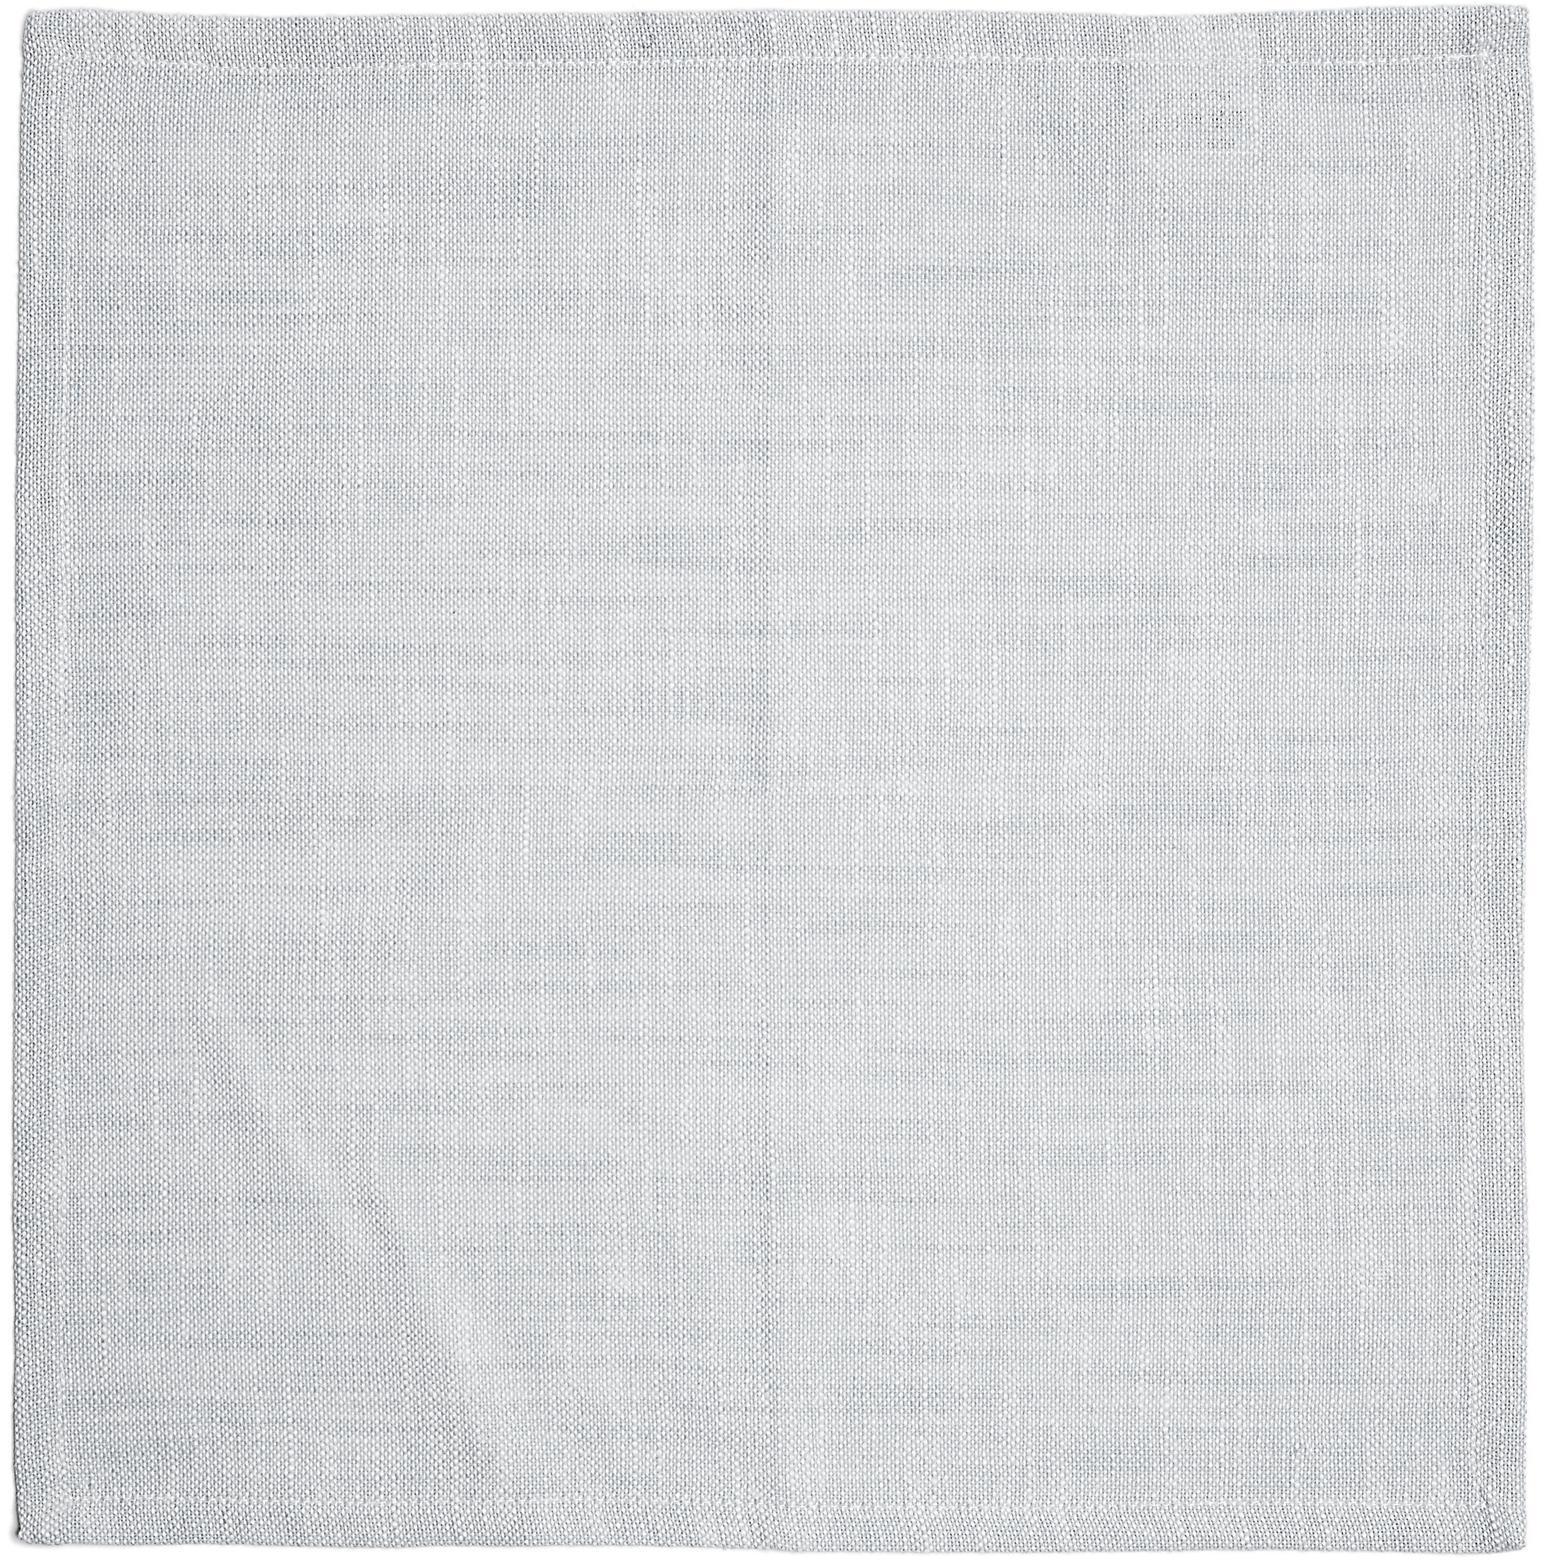 Serwetka z bawełny Tonnika, 4 szt., Bawełna, Niebieskoszary, S 45 x D 45 cm